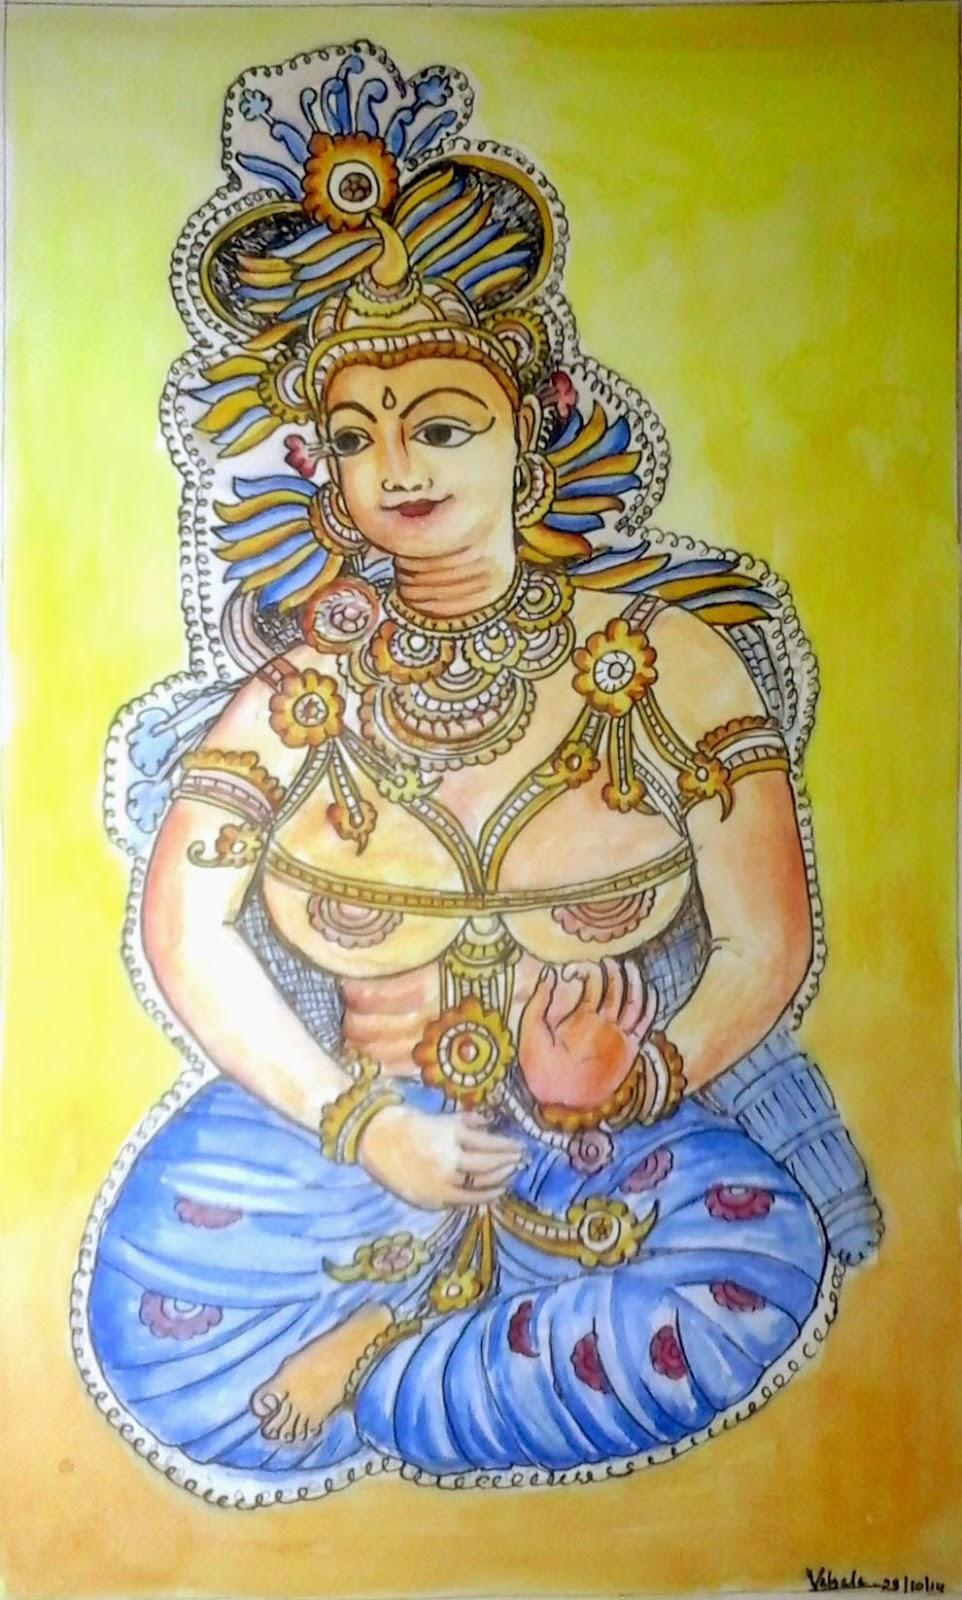 Seethadevi of Panayannoorkavu Painting